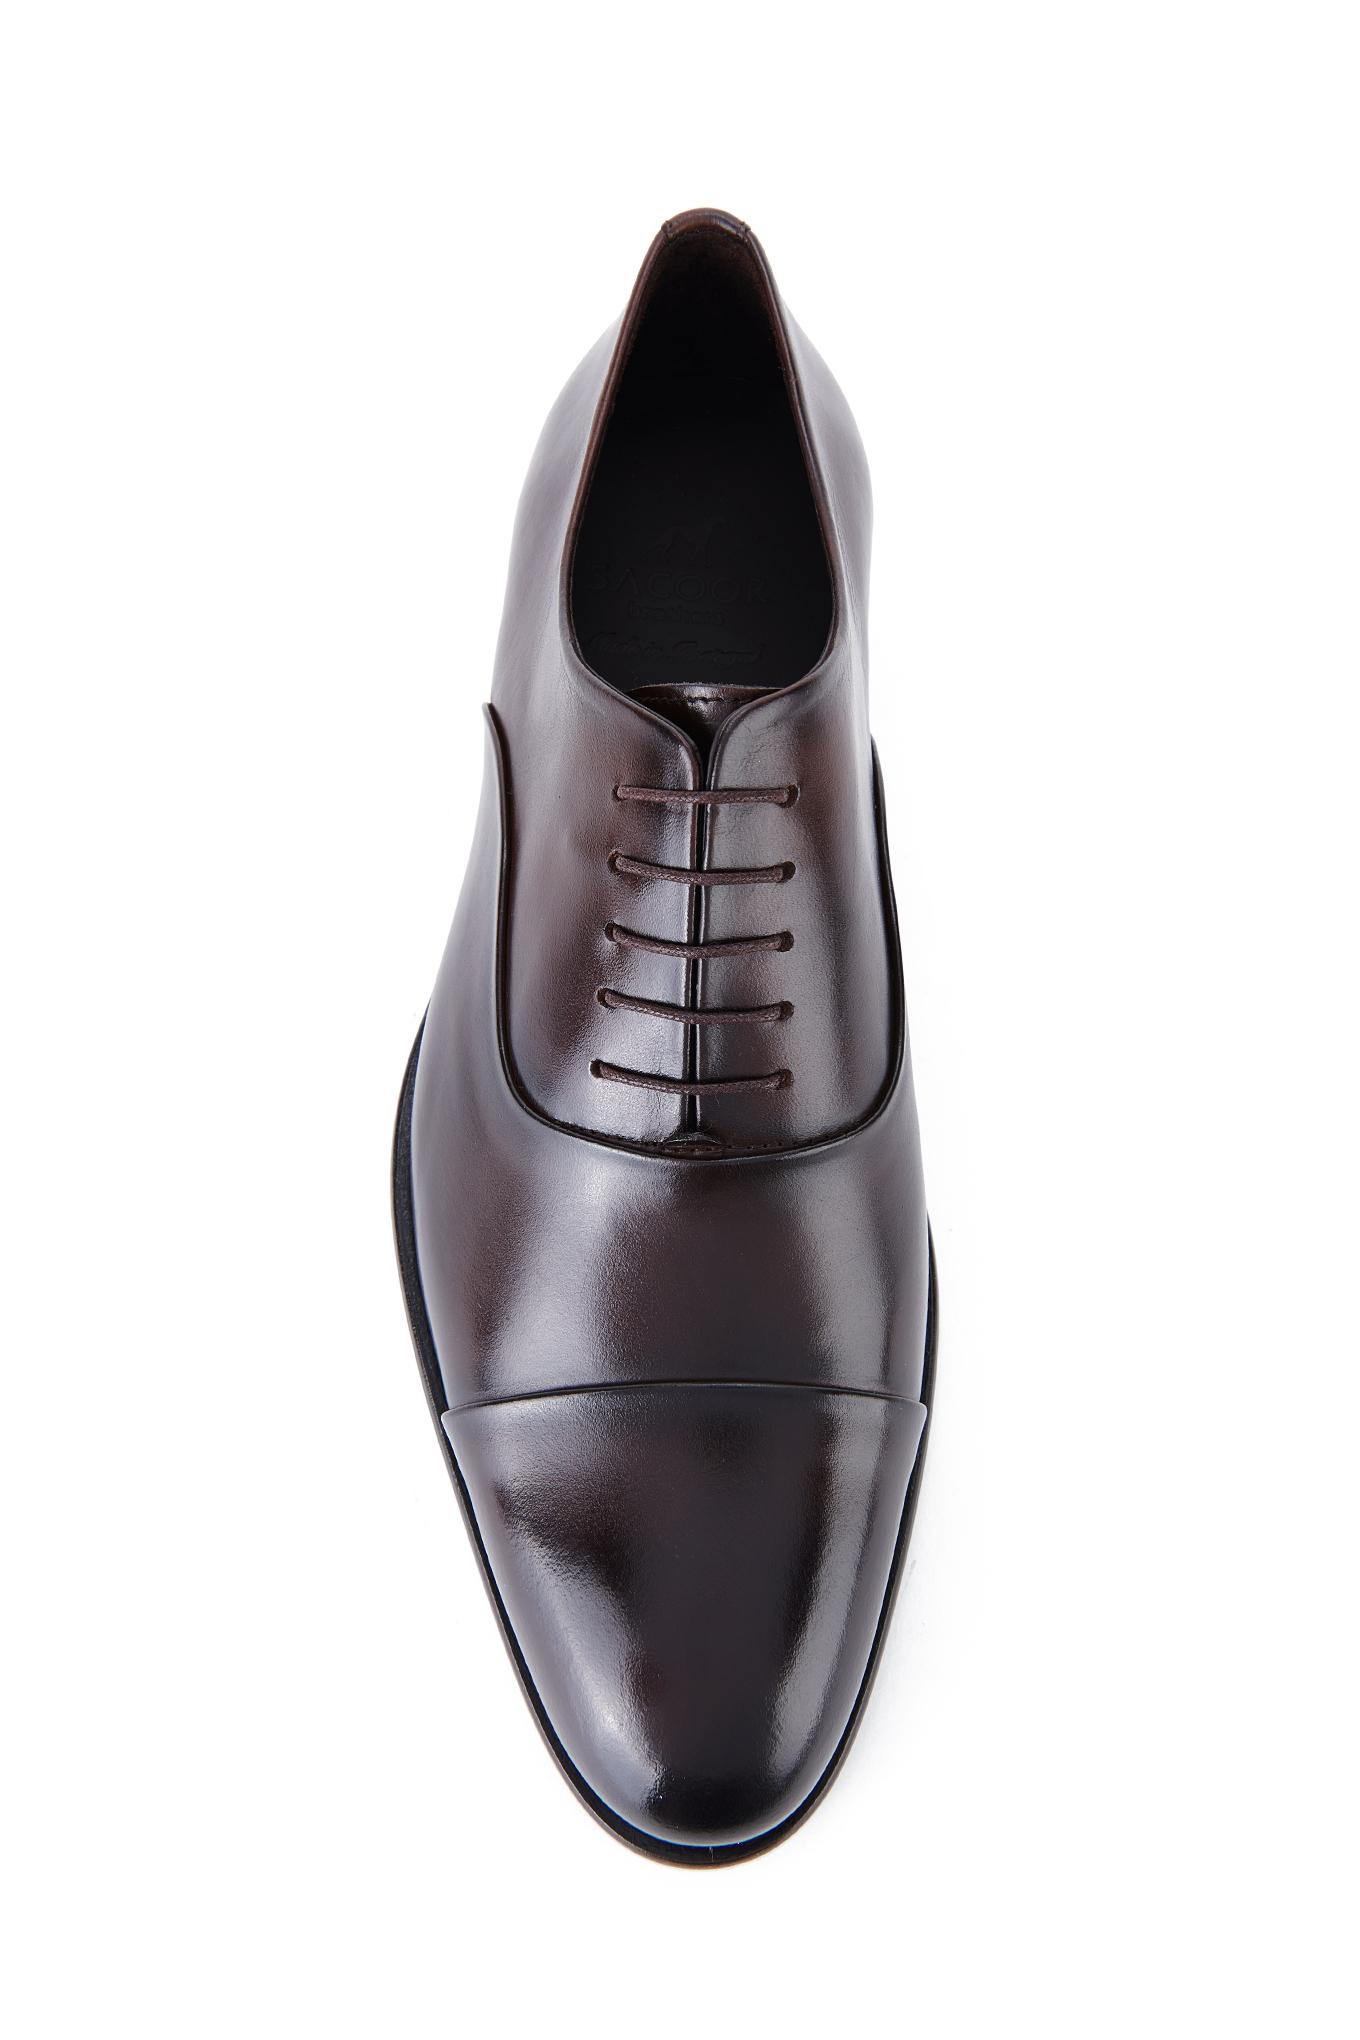 Sapatos Homem | Coleção Outono Inverno 2019 | Sacoor Brothers